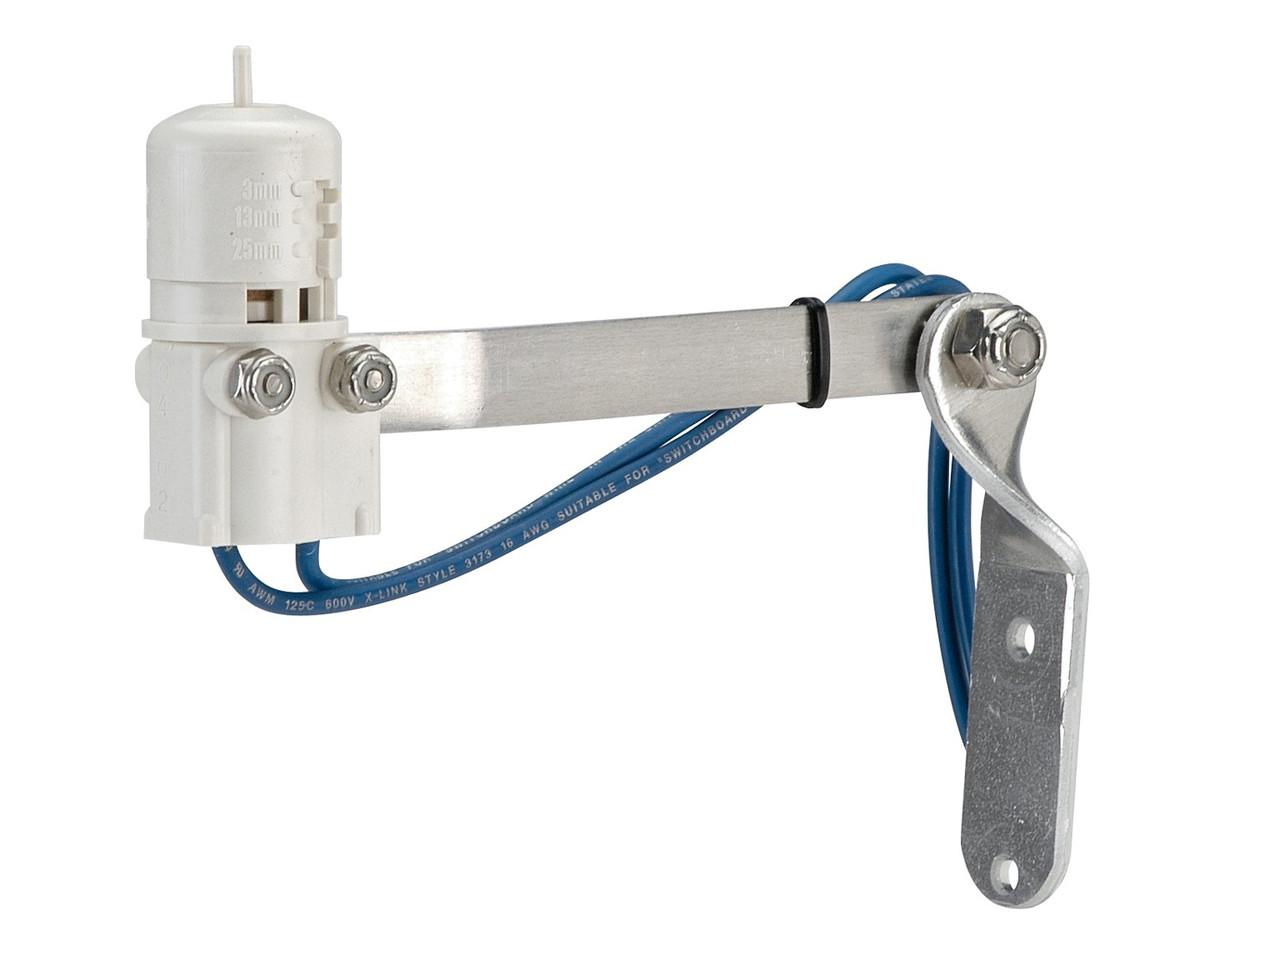 Датчик дождя регулируемый (3-25 мм осадков) MINI-CLIK  П